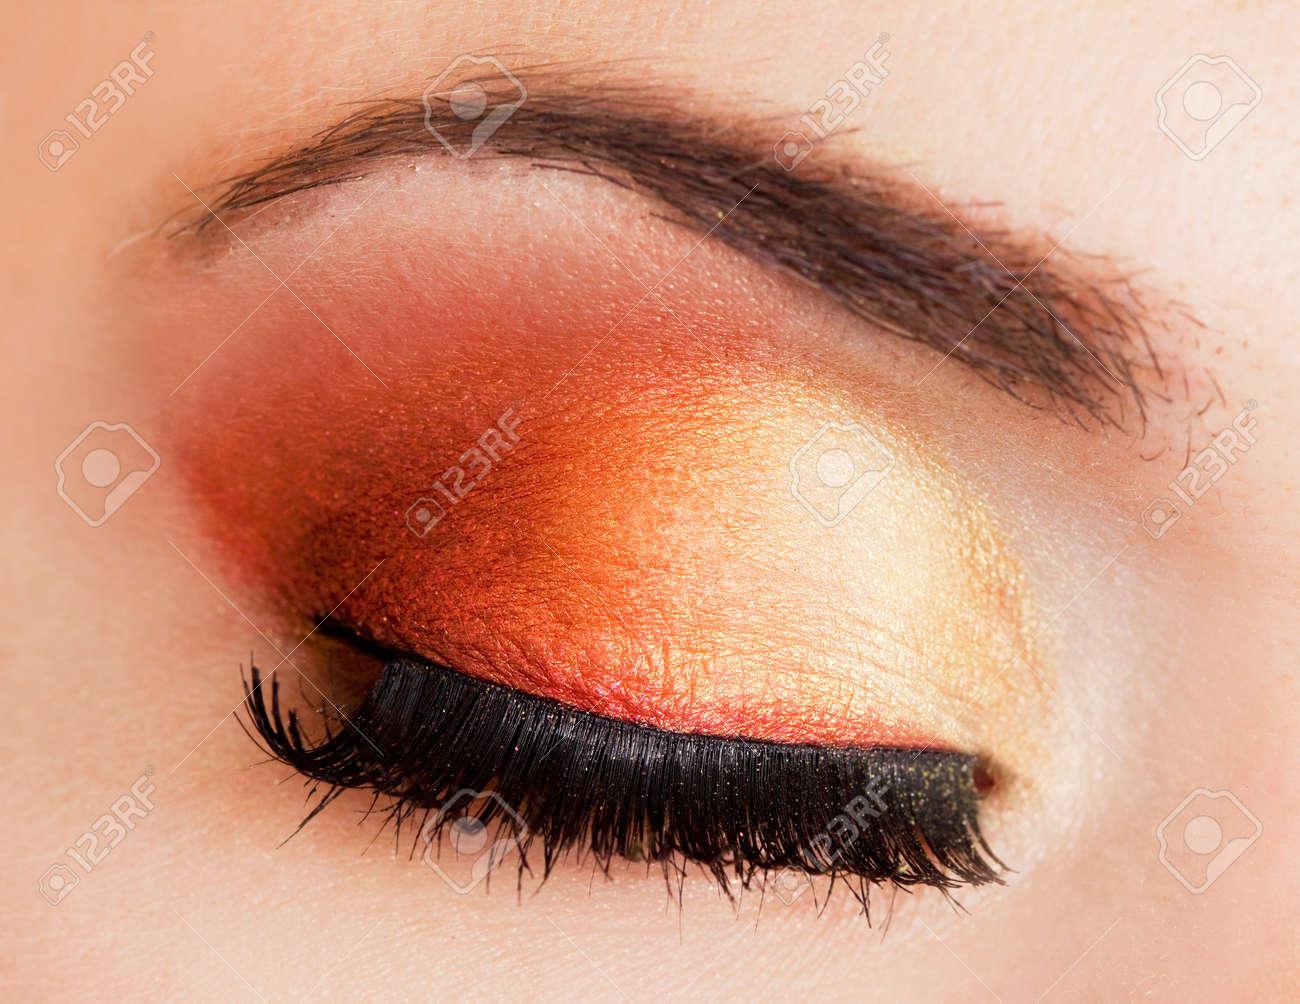 close-up of beautiful womanish eye Stock Photo - 7781830